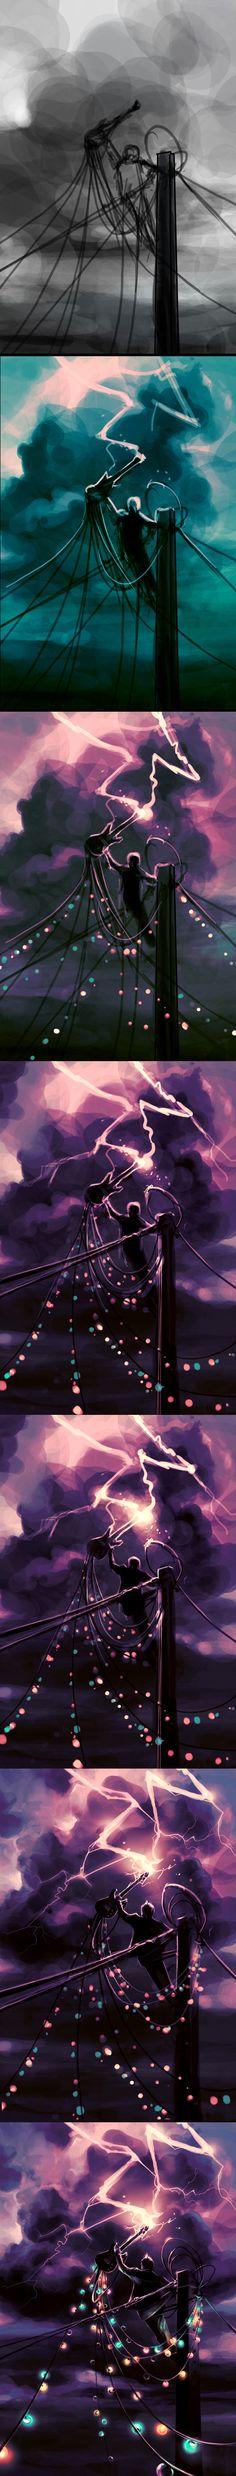 WIP Defy the sky by AquaSixio.deviantart.com on @deviantART Ciel - Poteau électrique - Éclaire - Couleur - Paint